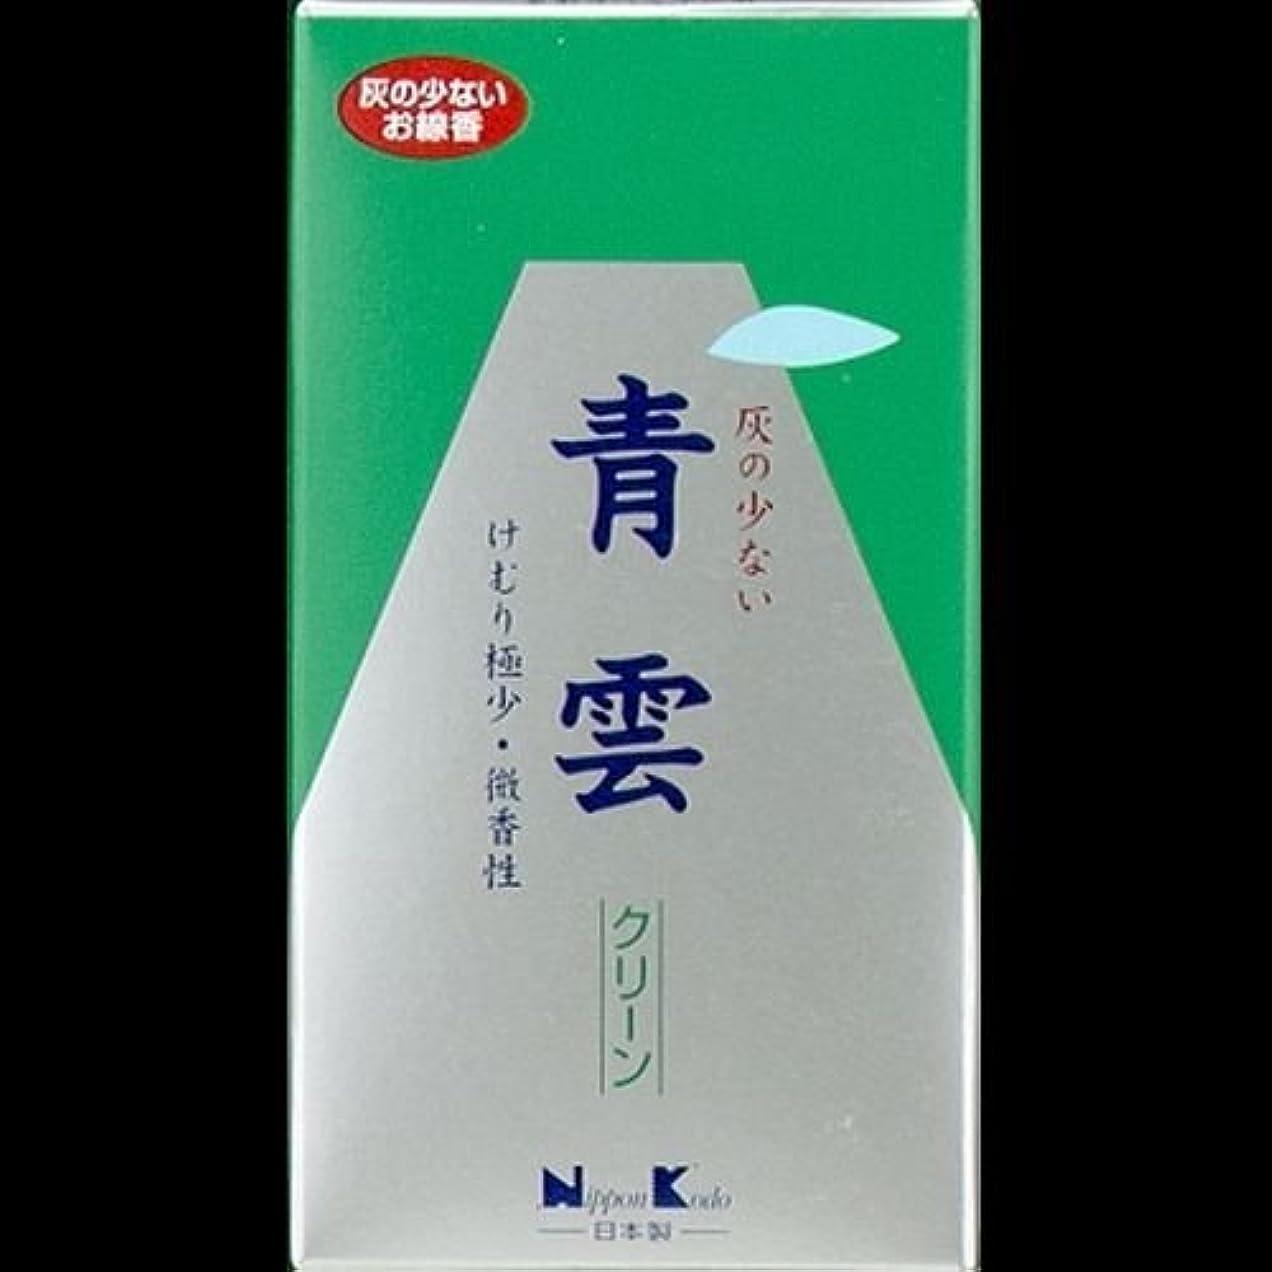 縁浴消費【まとめ買い】青雲 クリーン バラ詰 130g ×2セット